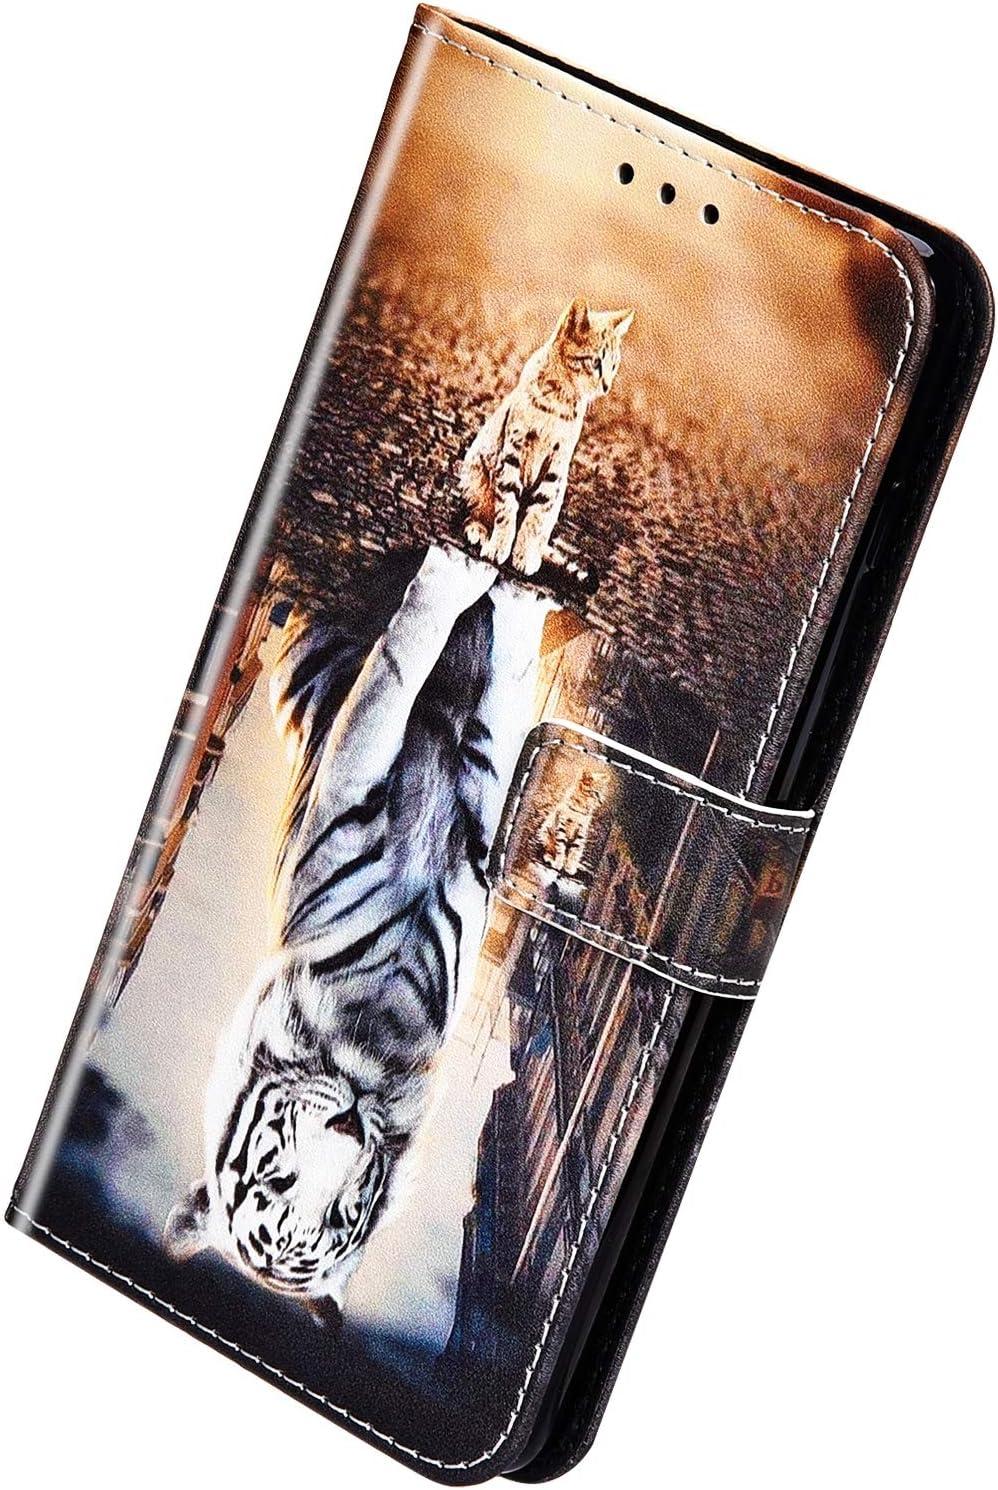 Herbests Compatible avec Samsung Galaxy J6 2018 Coque Silicone /Étui Ultra Mince Ultra-Light Etui Soft TPU Flexible Gel Bumper Vintage Retro Design /él/égant Housse /à Rabat Magn/étique Cover,Rose